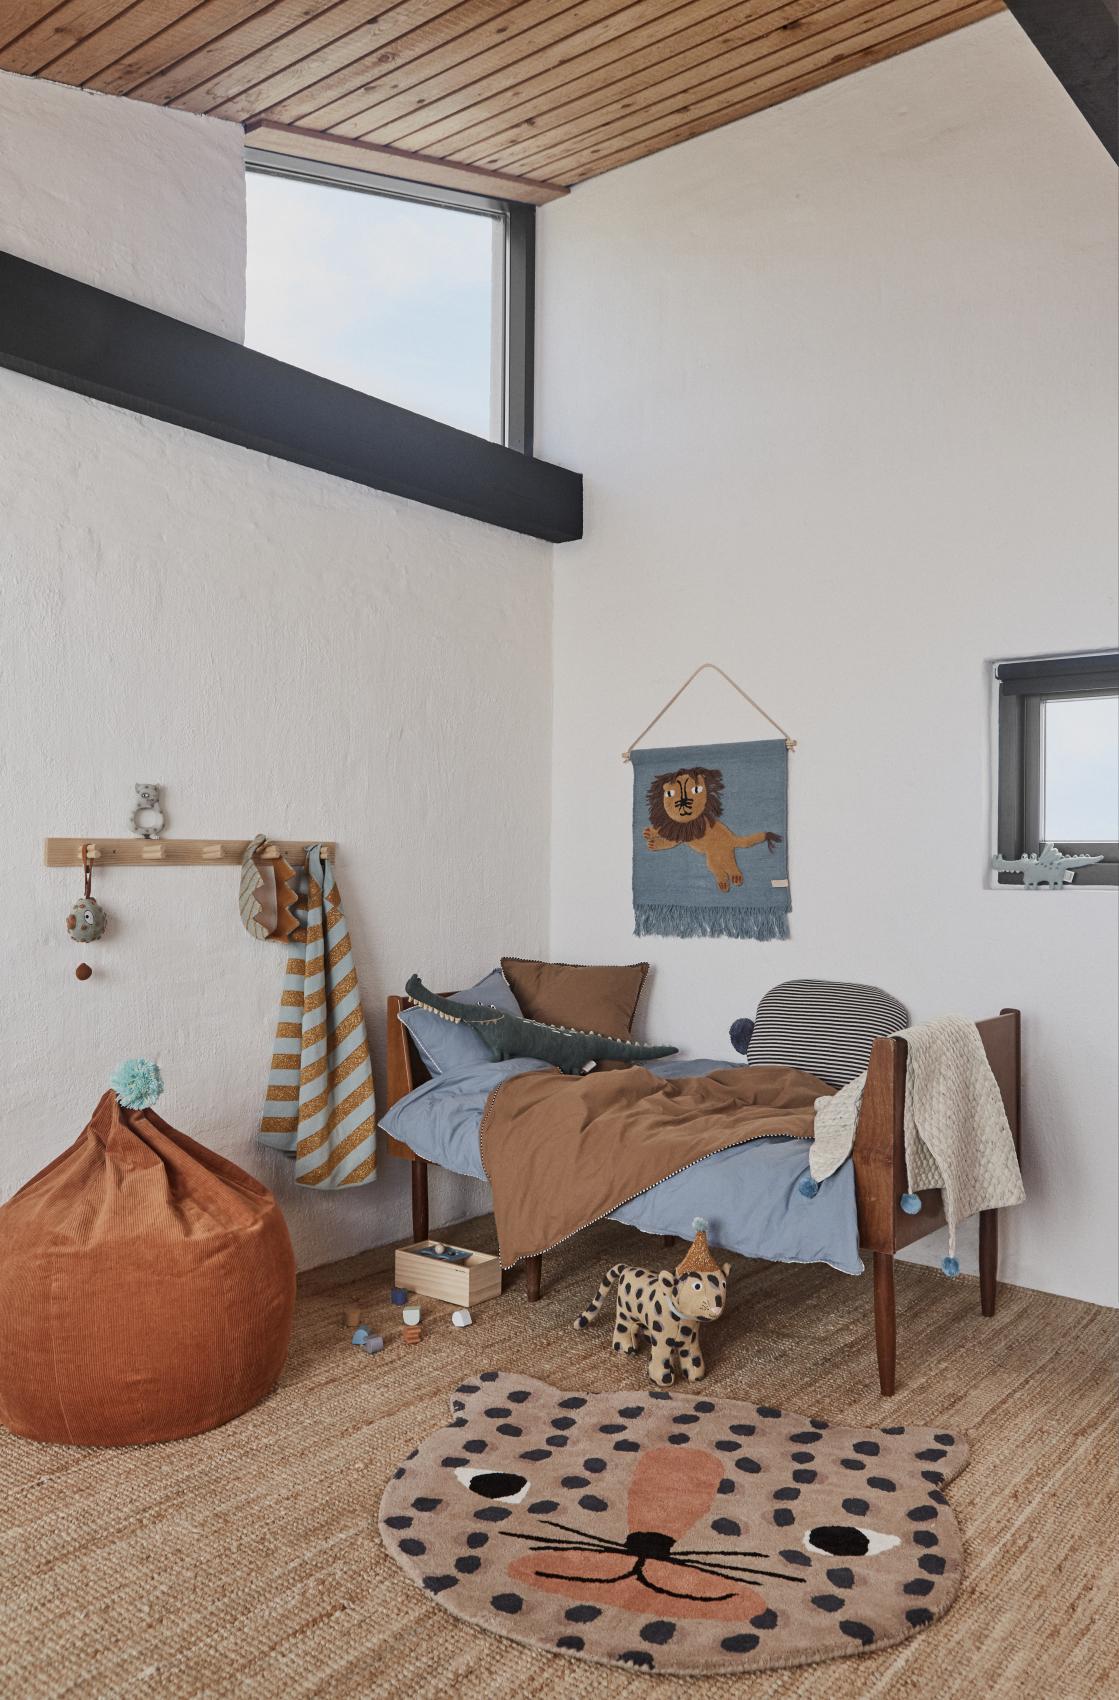 Full Size of Kinderzimmer Wanddeko Oyoy Wandteppich Lwe Rauchblau Senfgelb 52x55cm Regal Regale Sofa Küche Weiß Kinderzimmer Kinderzimmer Wanddeko